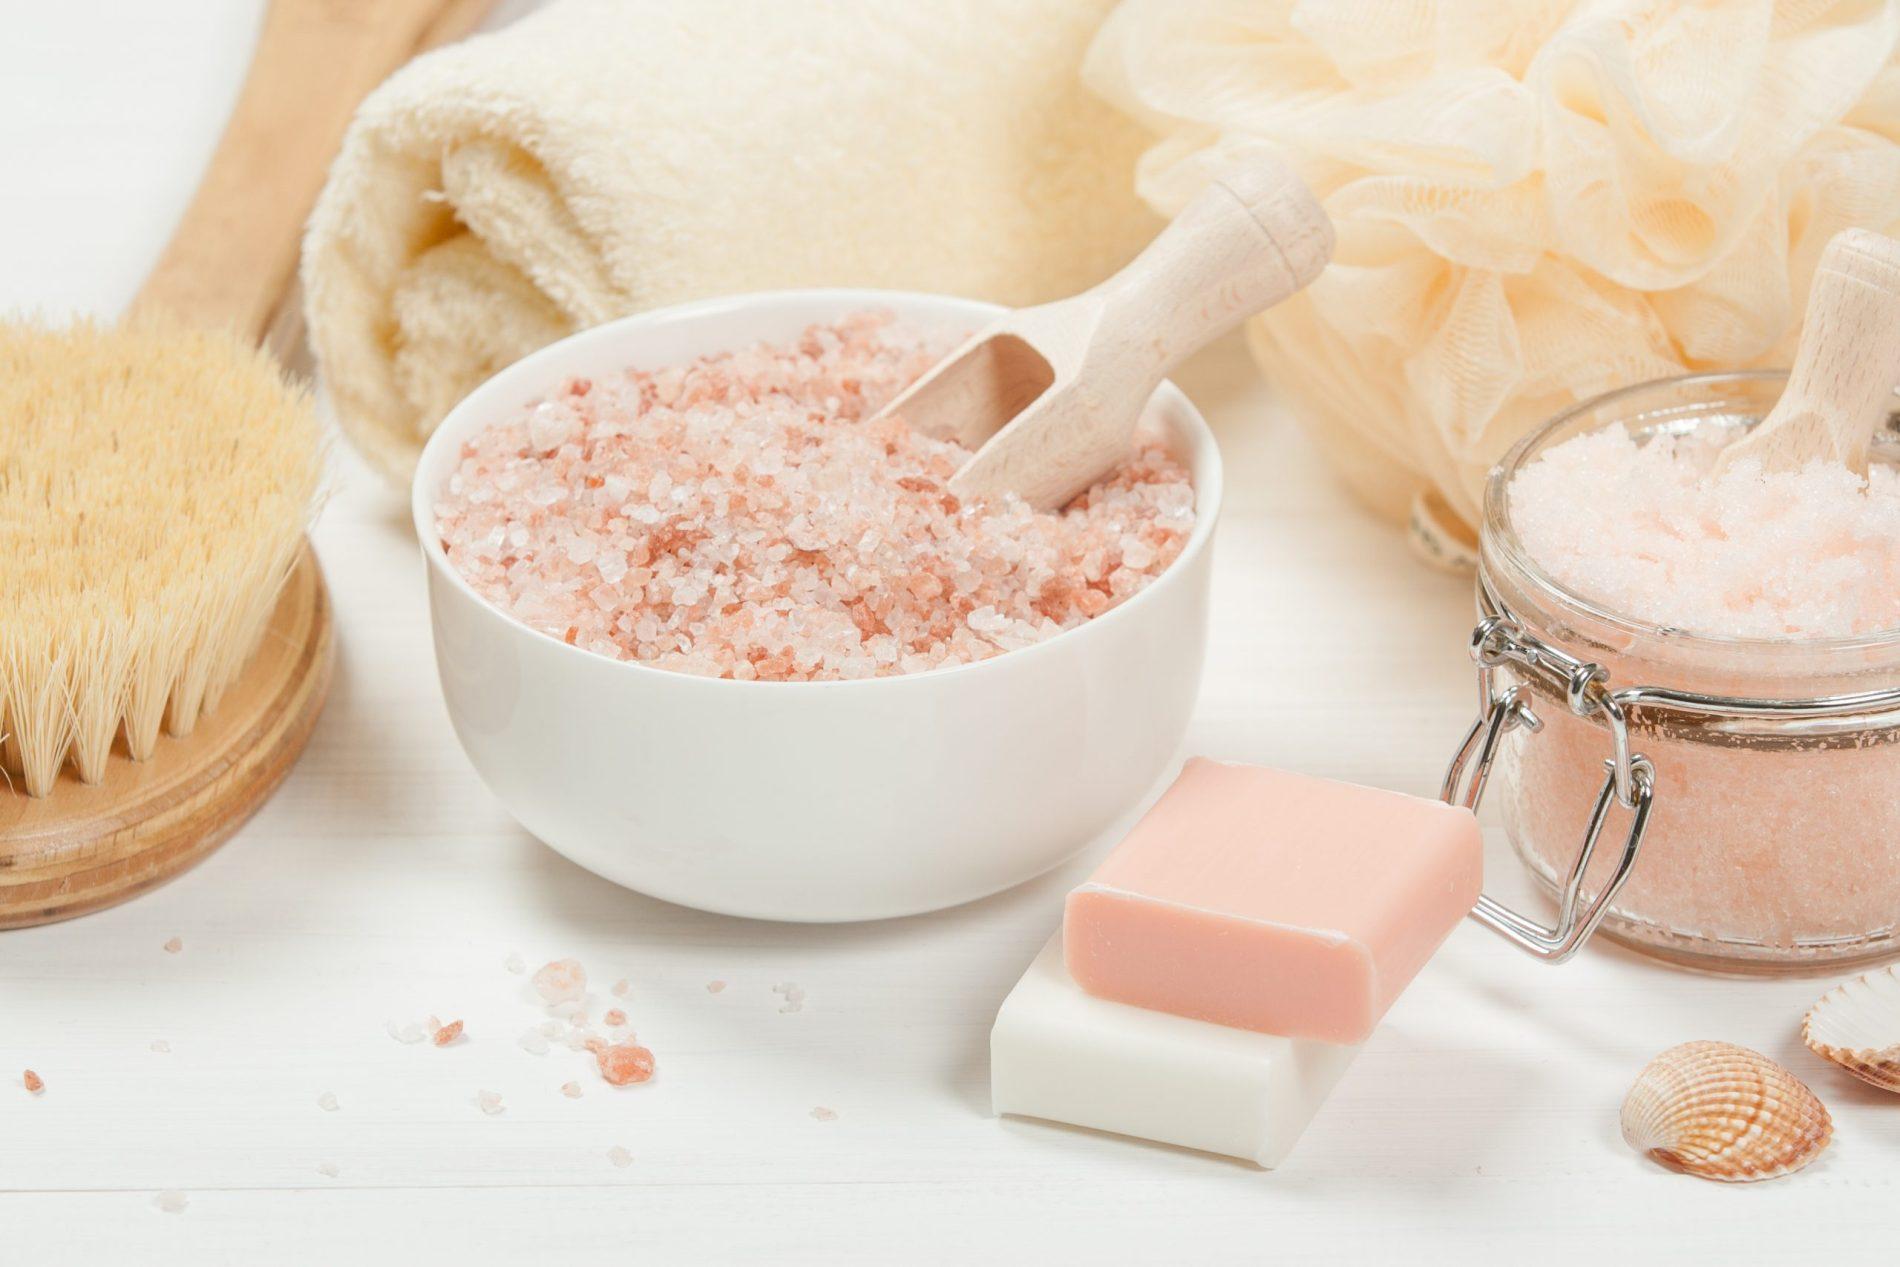 DIY Sugar Peach Body Scrub With Argan Oil & Himalayan Salt For Hydrated Skin